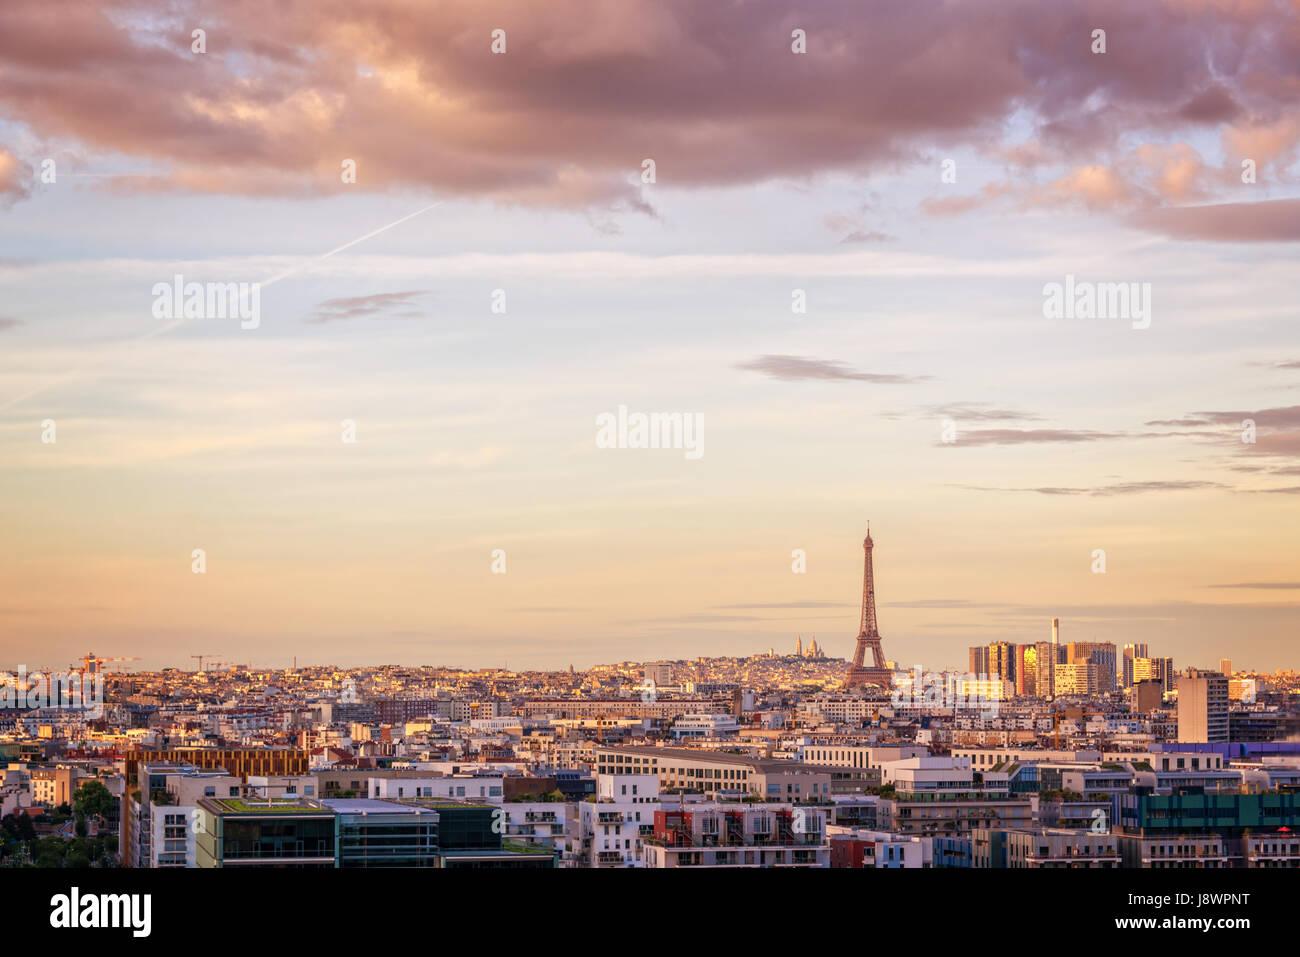 Vue panoramique aérienne de Paris avec la Tour Eiffel au coucher du soleil, Montmartre en arrière-plan, Photo Stock